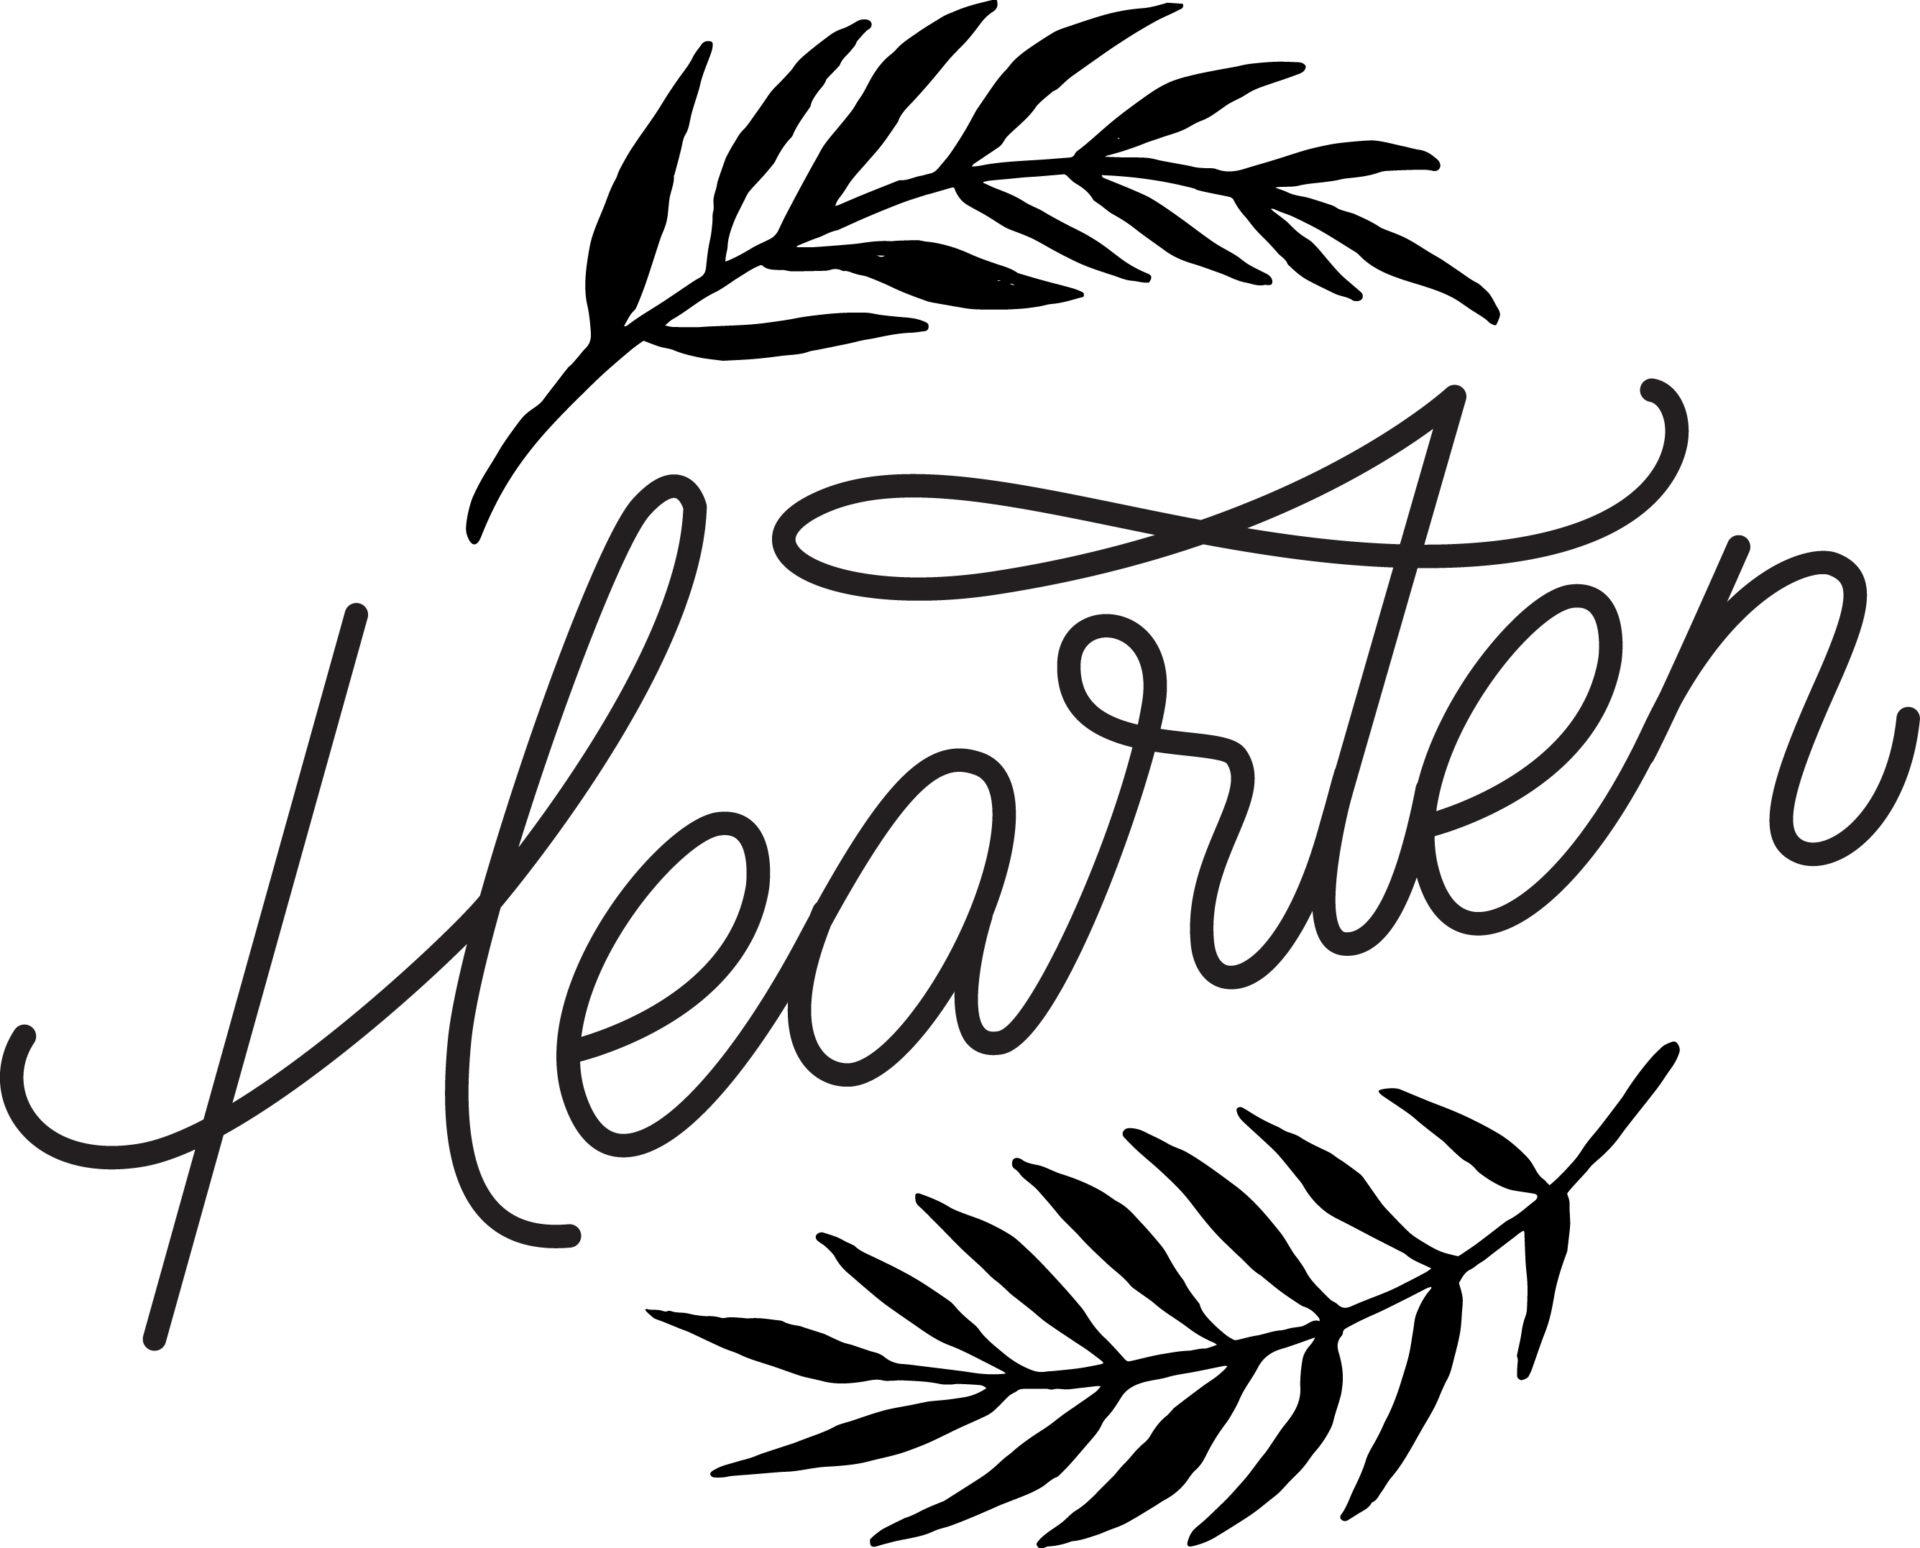 Hearten_Black_Leaves.jpg